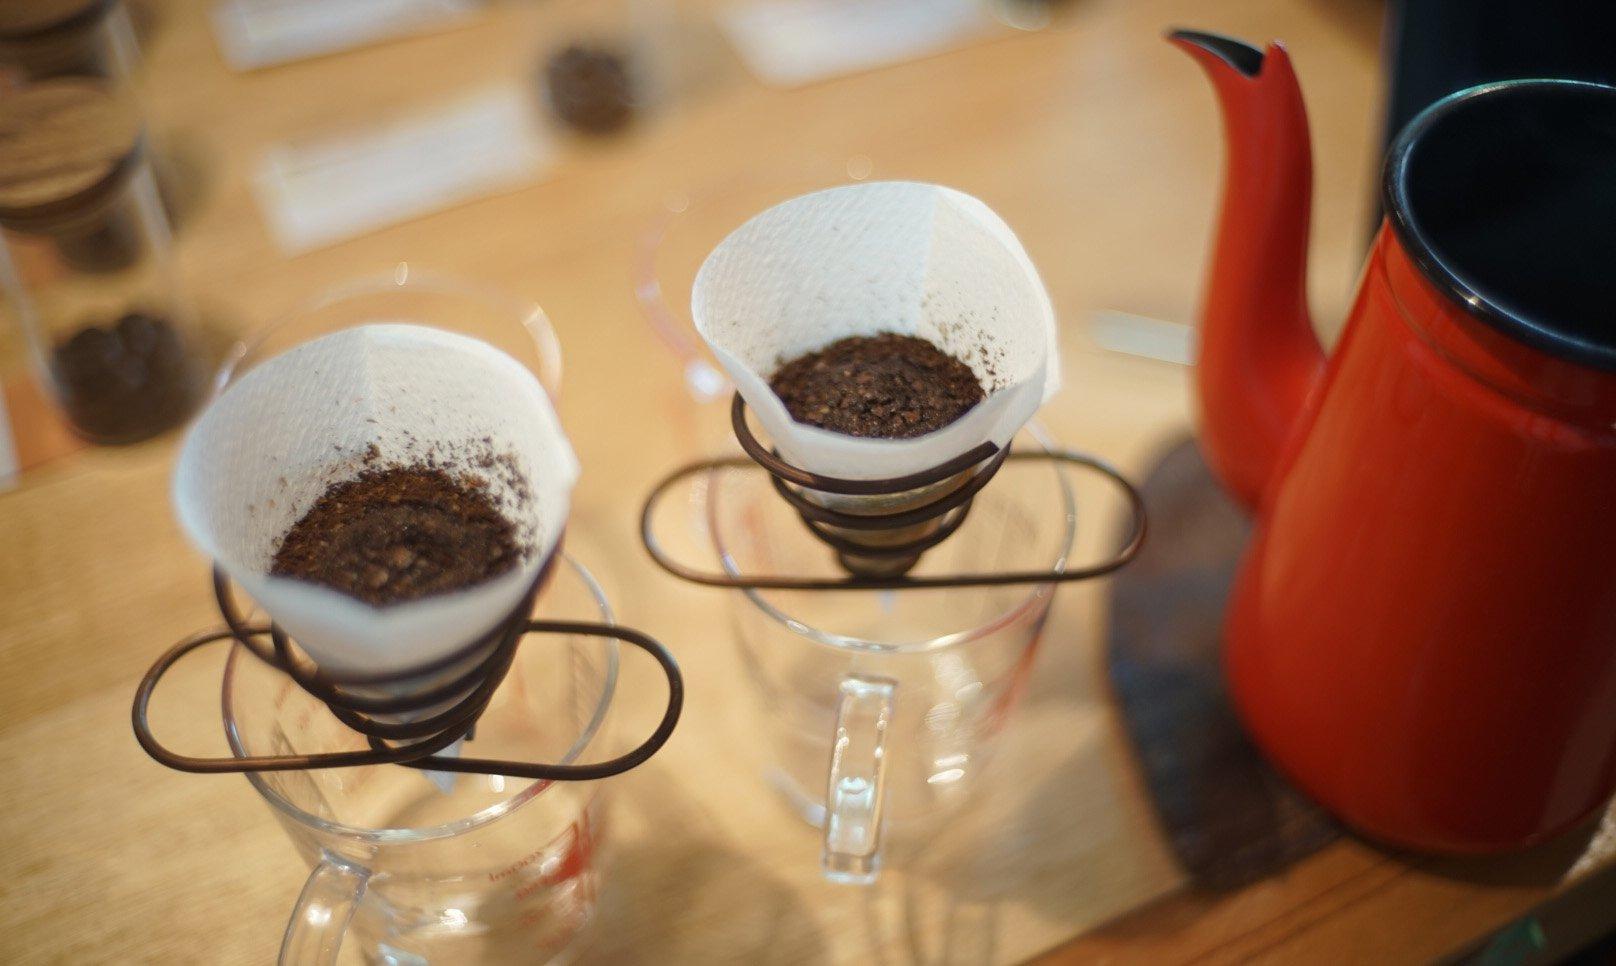 自家烘焙 tamagusuku coffee-自家烘焙手沖咖啡外帶杯 (熱)